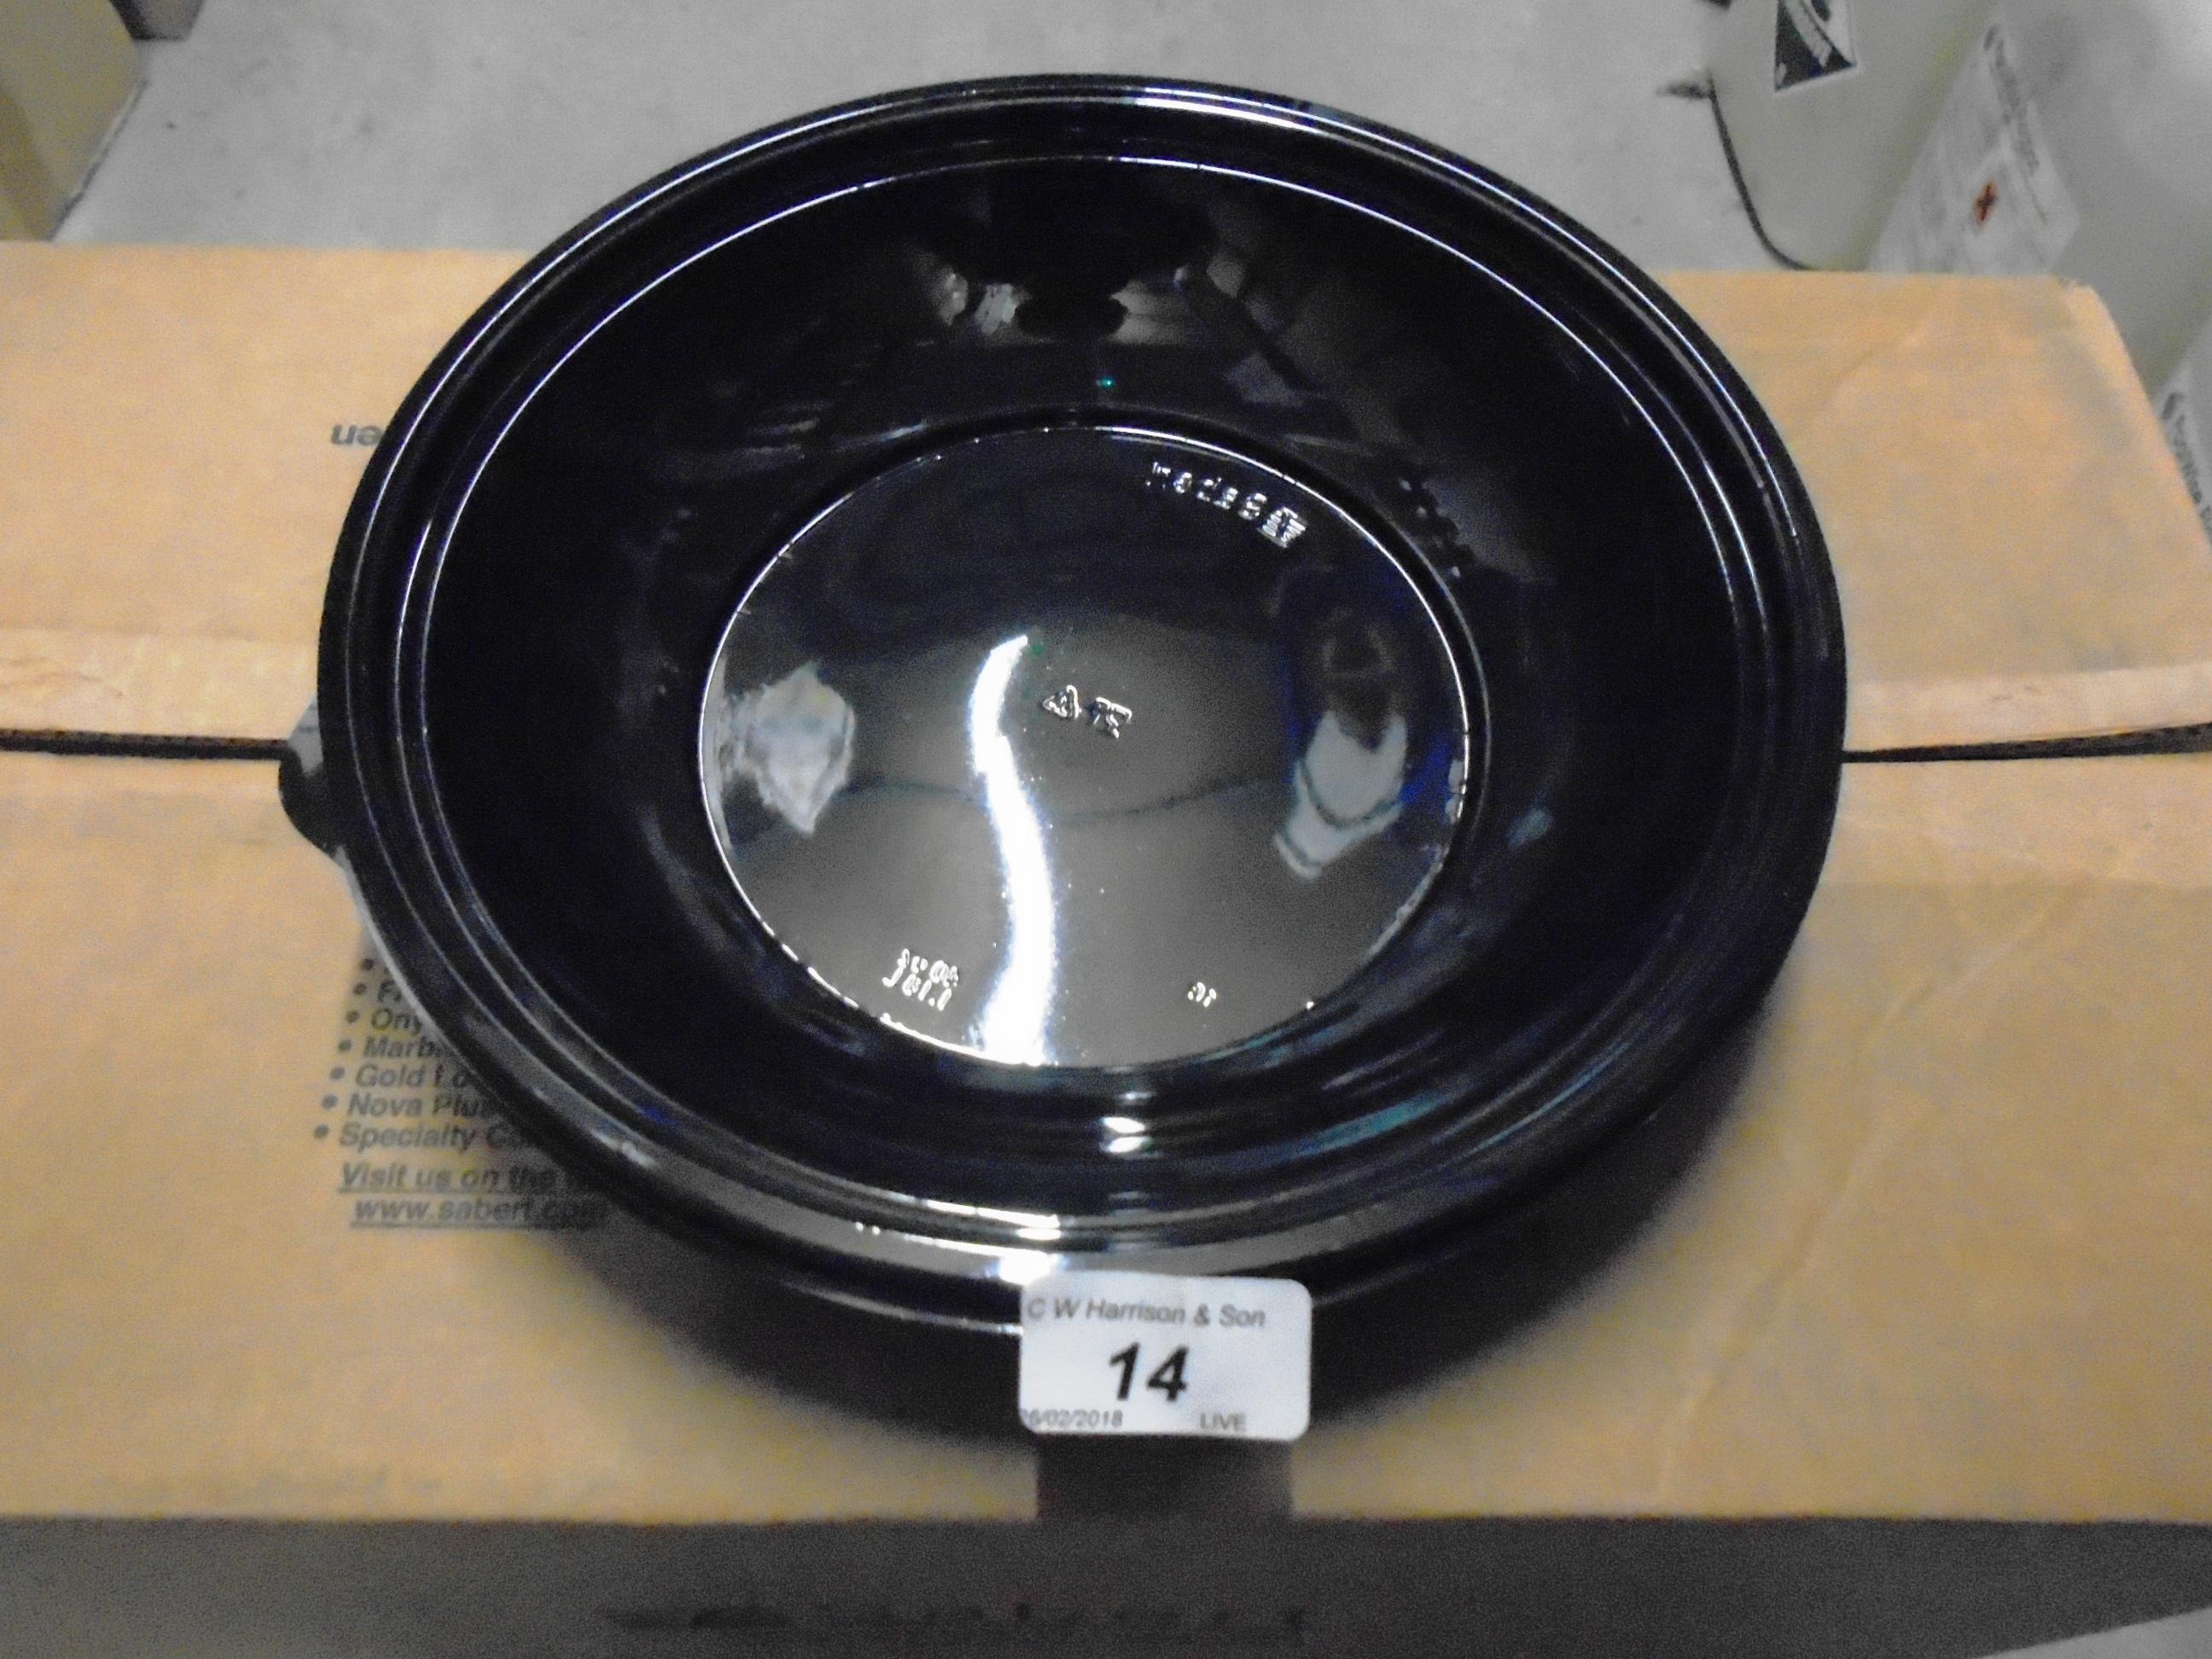 Lot 14 - 1300 x Sabert 40 0z black shallow bowls (13 x outer boxes)